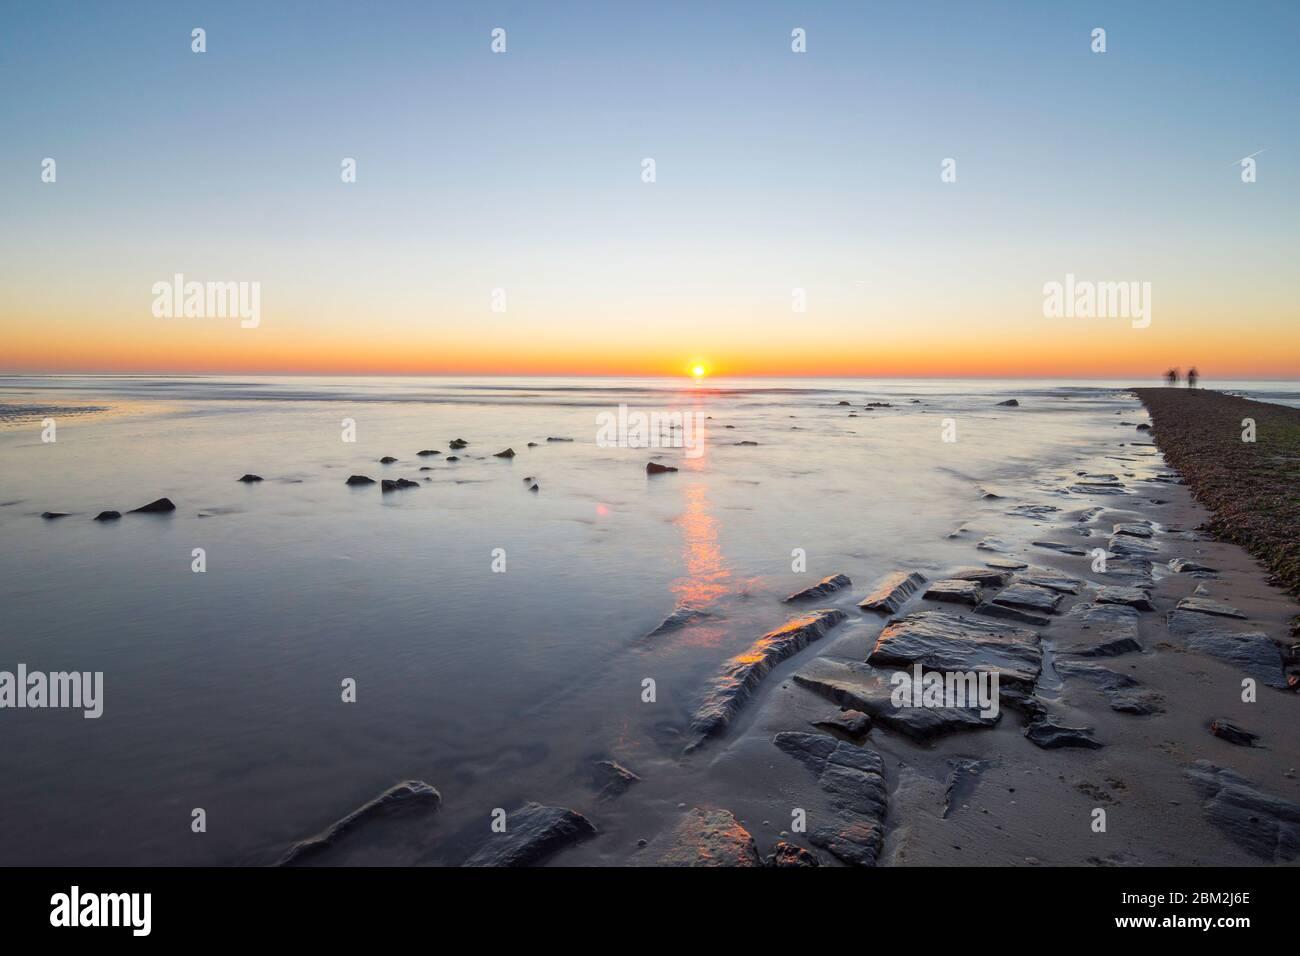 Ambiente nocturno sobre el muelle en el mar. Las piedras reflejan la luz de la noche y los últimos rayos del sol. La arena ondulada se puede ver a través del shal Foto de stock